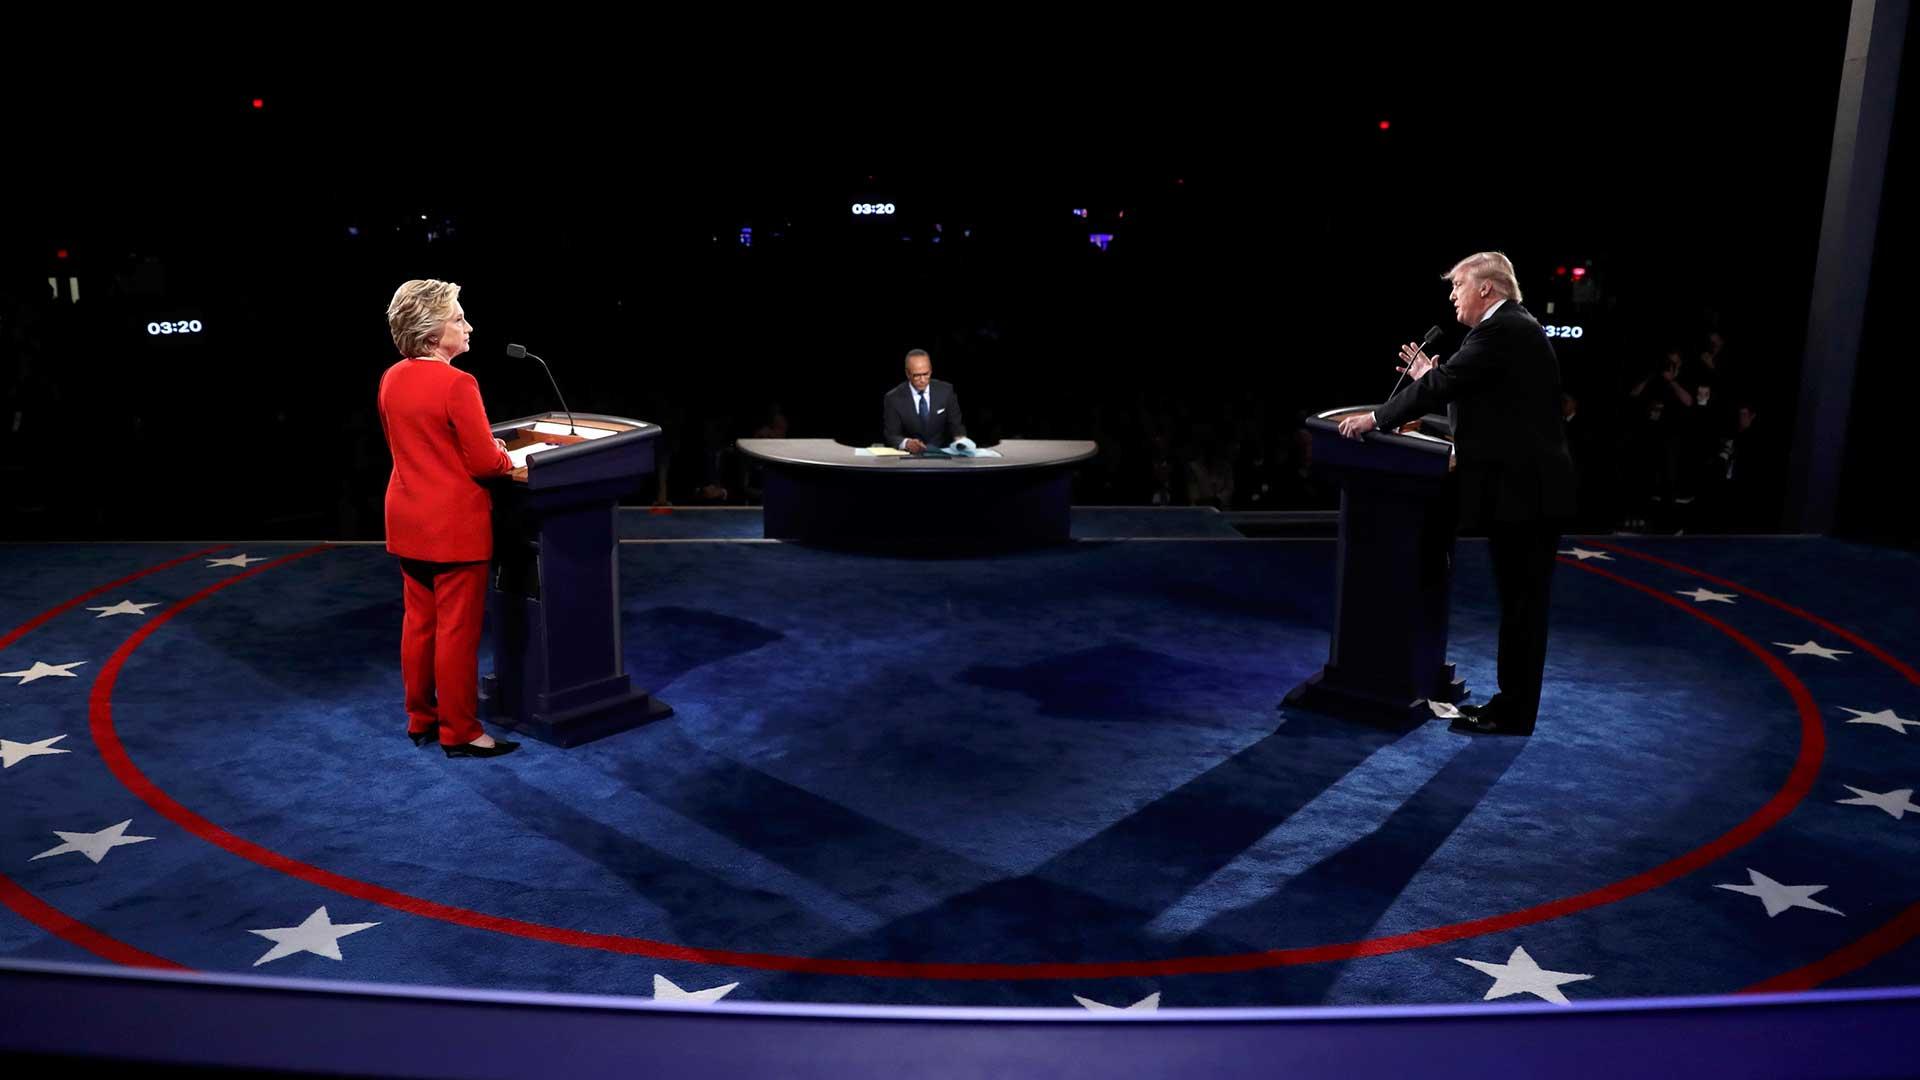 (Reuters) El primer debate entre los candidatos a la presidencia de Estados Unidos, Hillary Clinton y Donald Trump, finalizó el lunes luego de más de una hora y media de intercambios y acusaciones entre quienes se disputan el sillón más poderoso del mundo